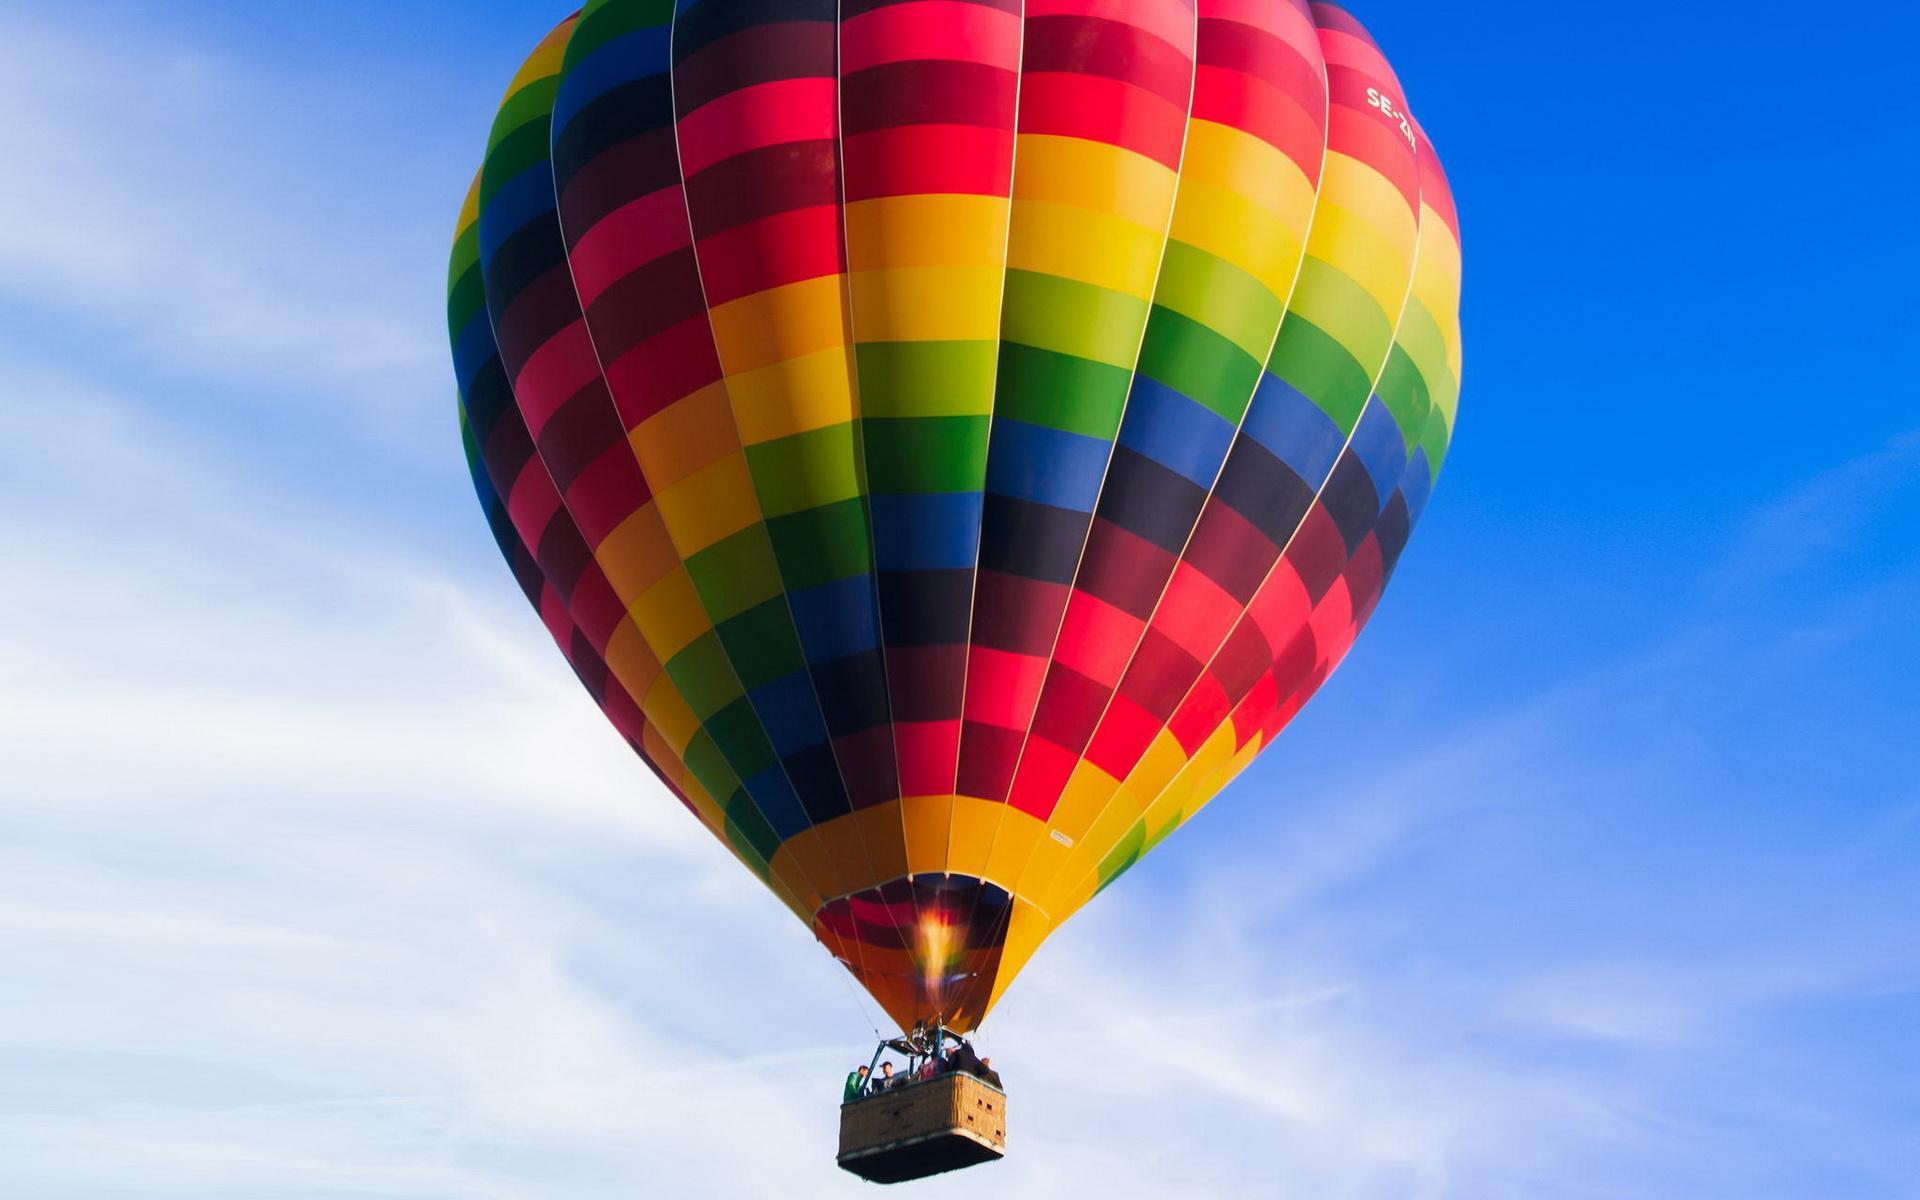 天空壁纸高清桌面 天空中的彩色热气球电脑壁纸